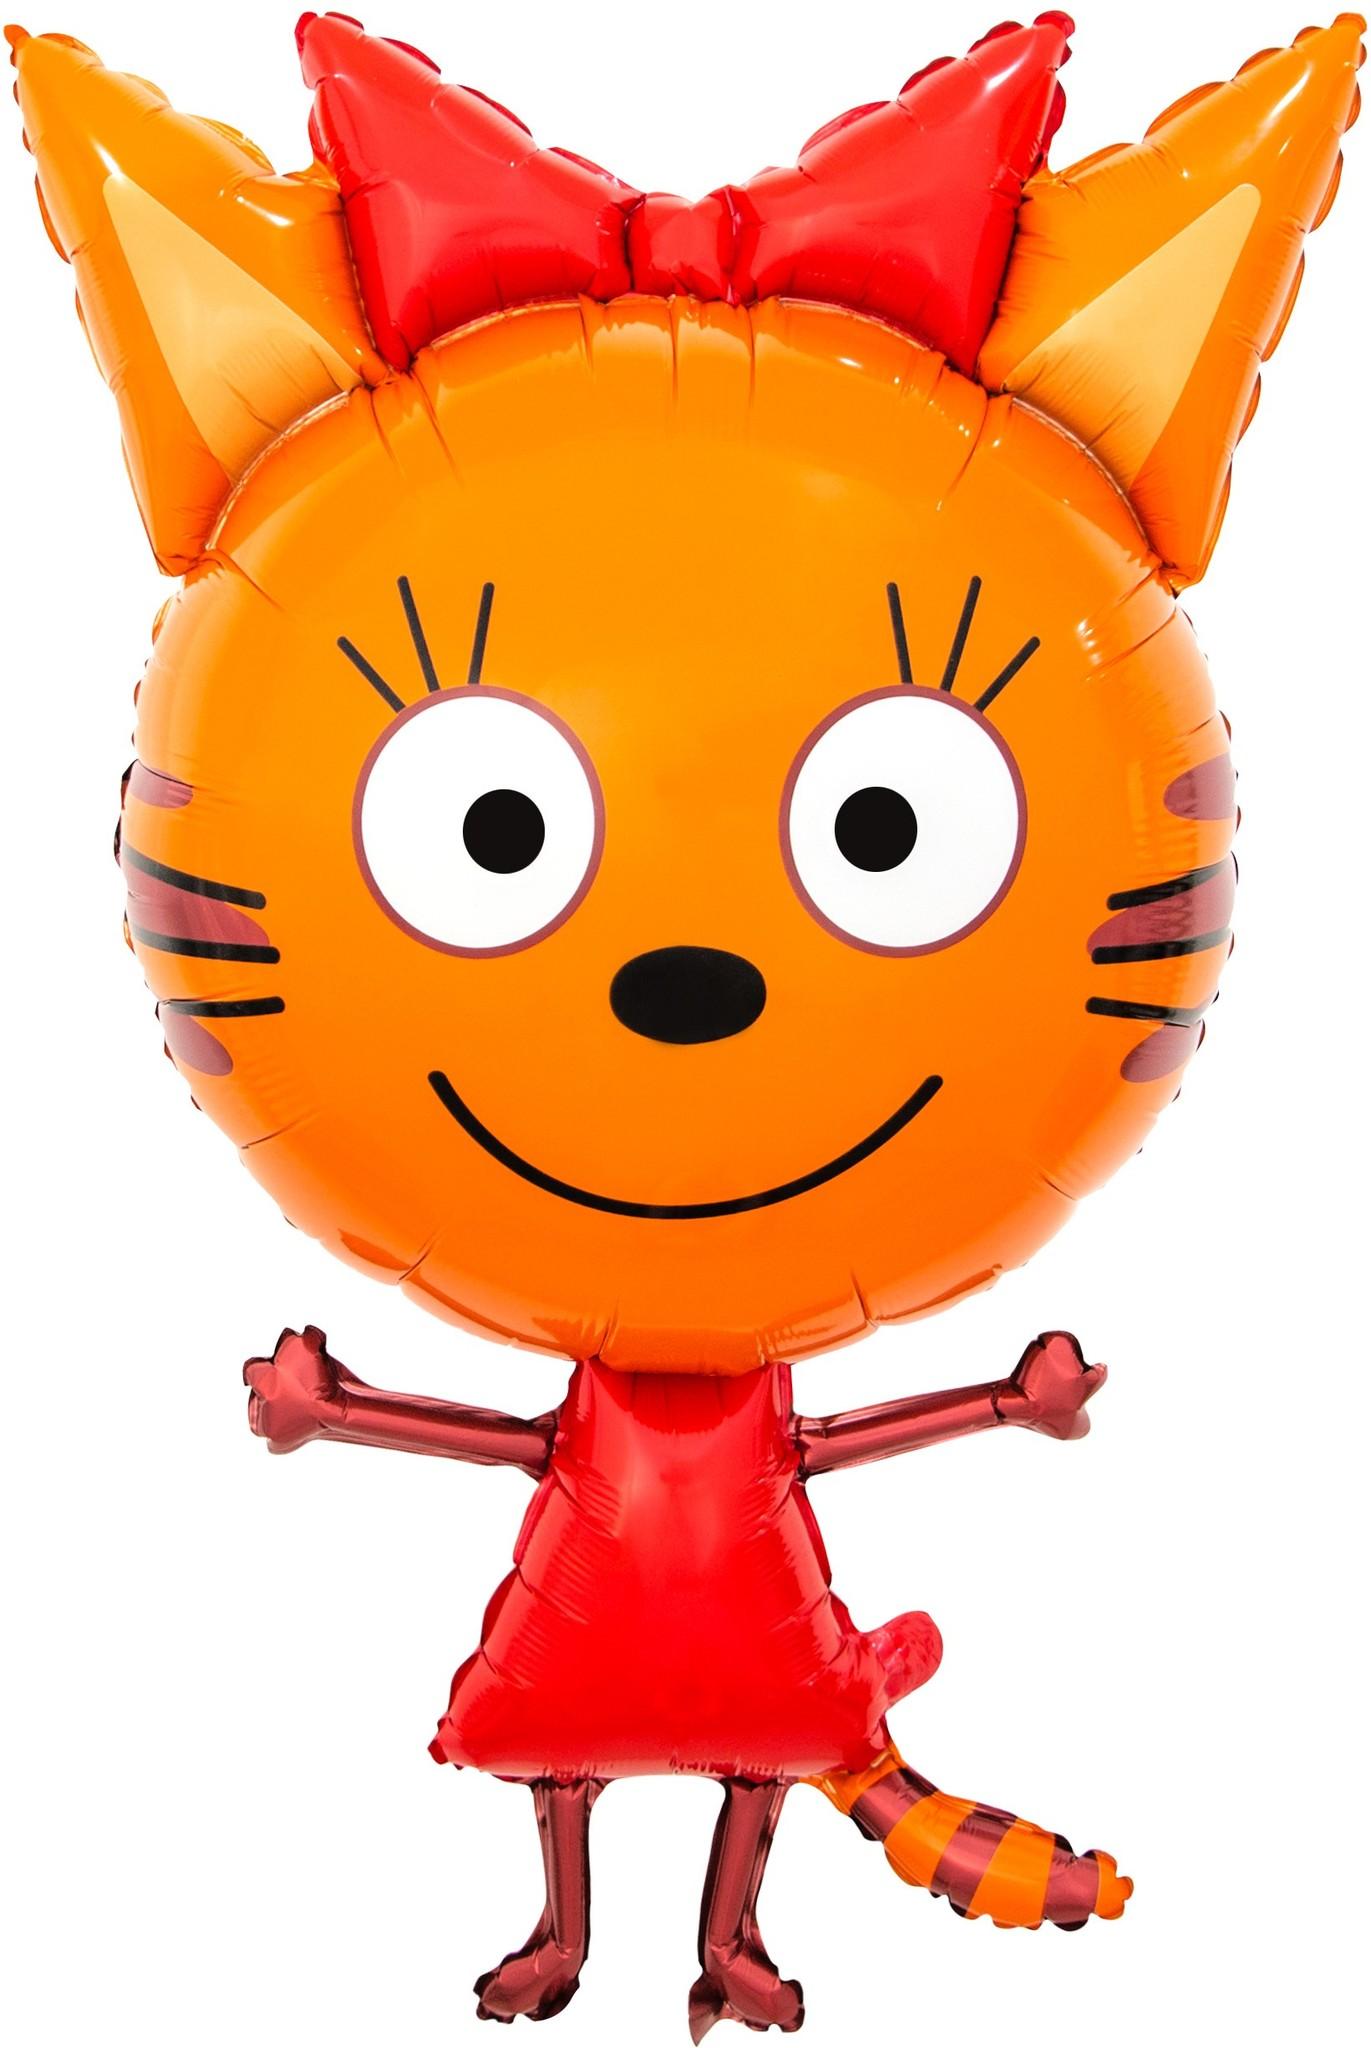 Фольгированный шар Фигура, Три Кота, Карамелька, 1 шт, 34х86 см